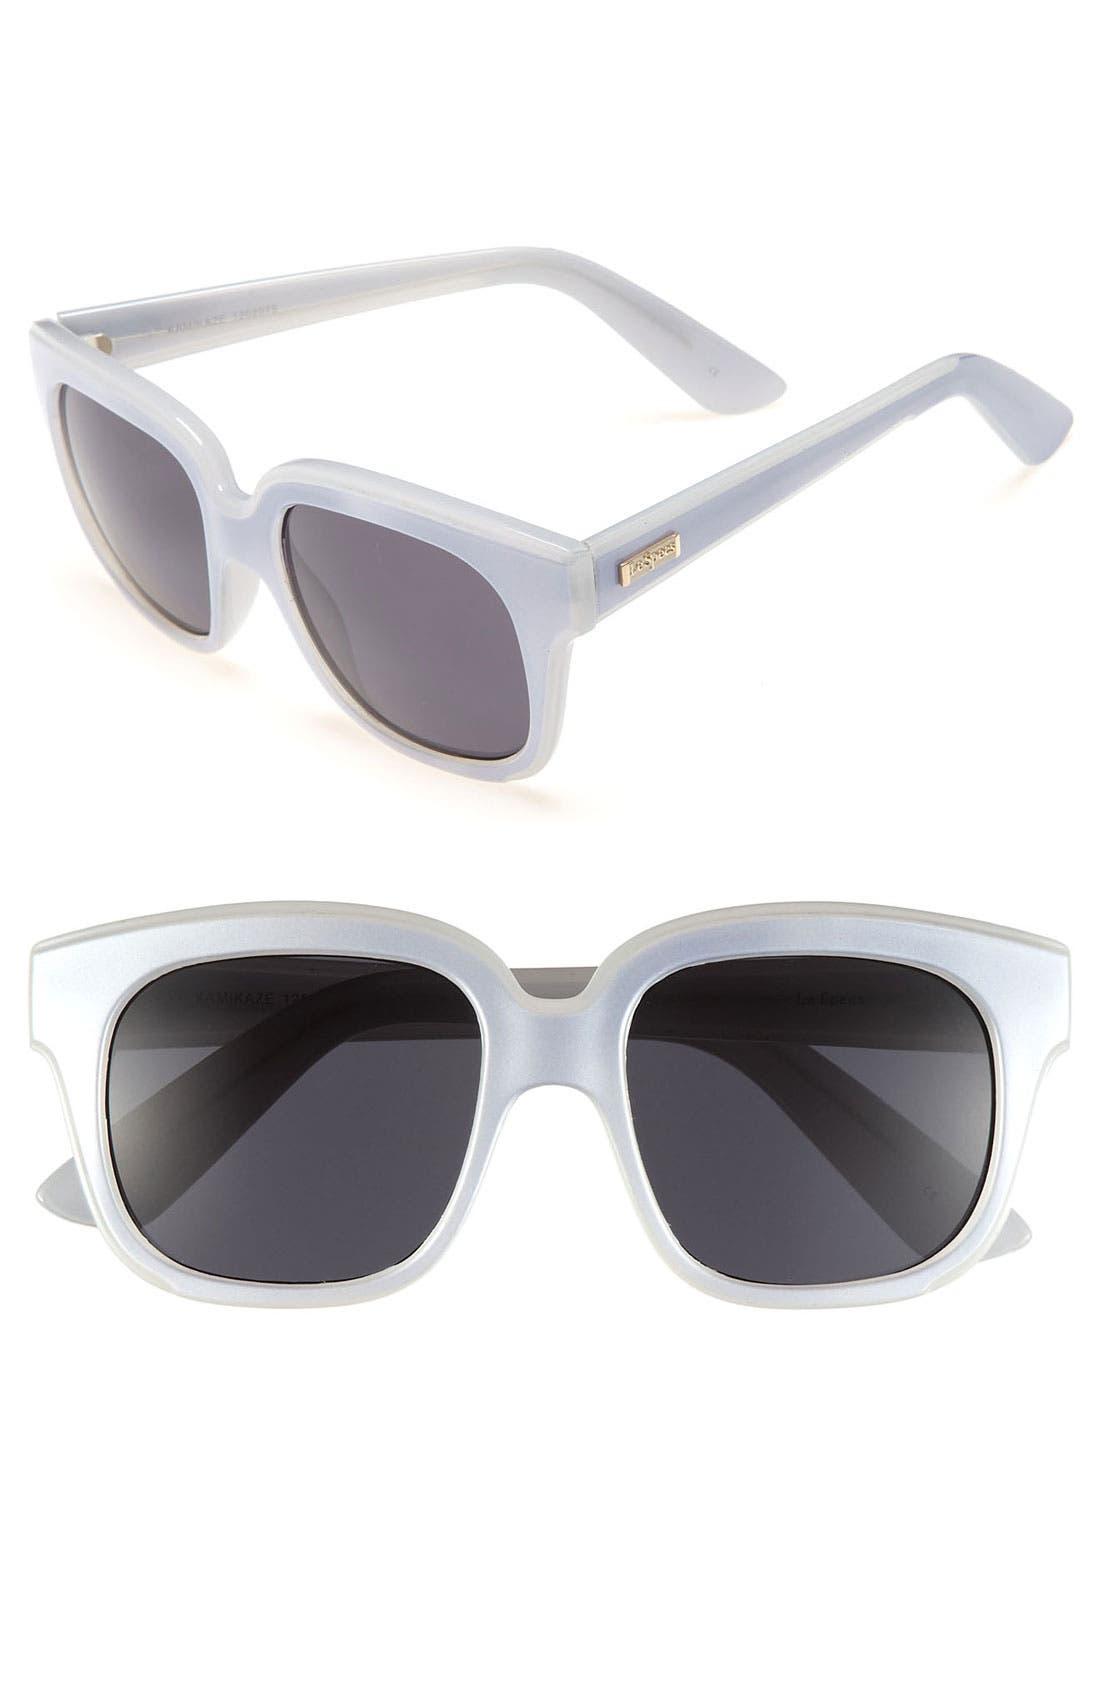 Main Image - Le Specs 'Kamikaze' Sunglasses